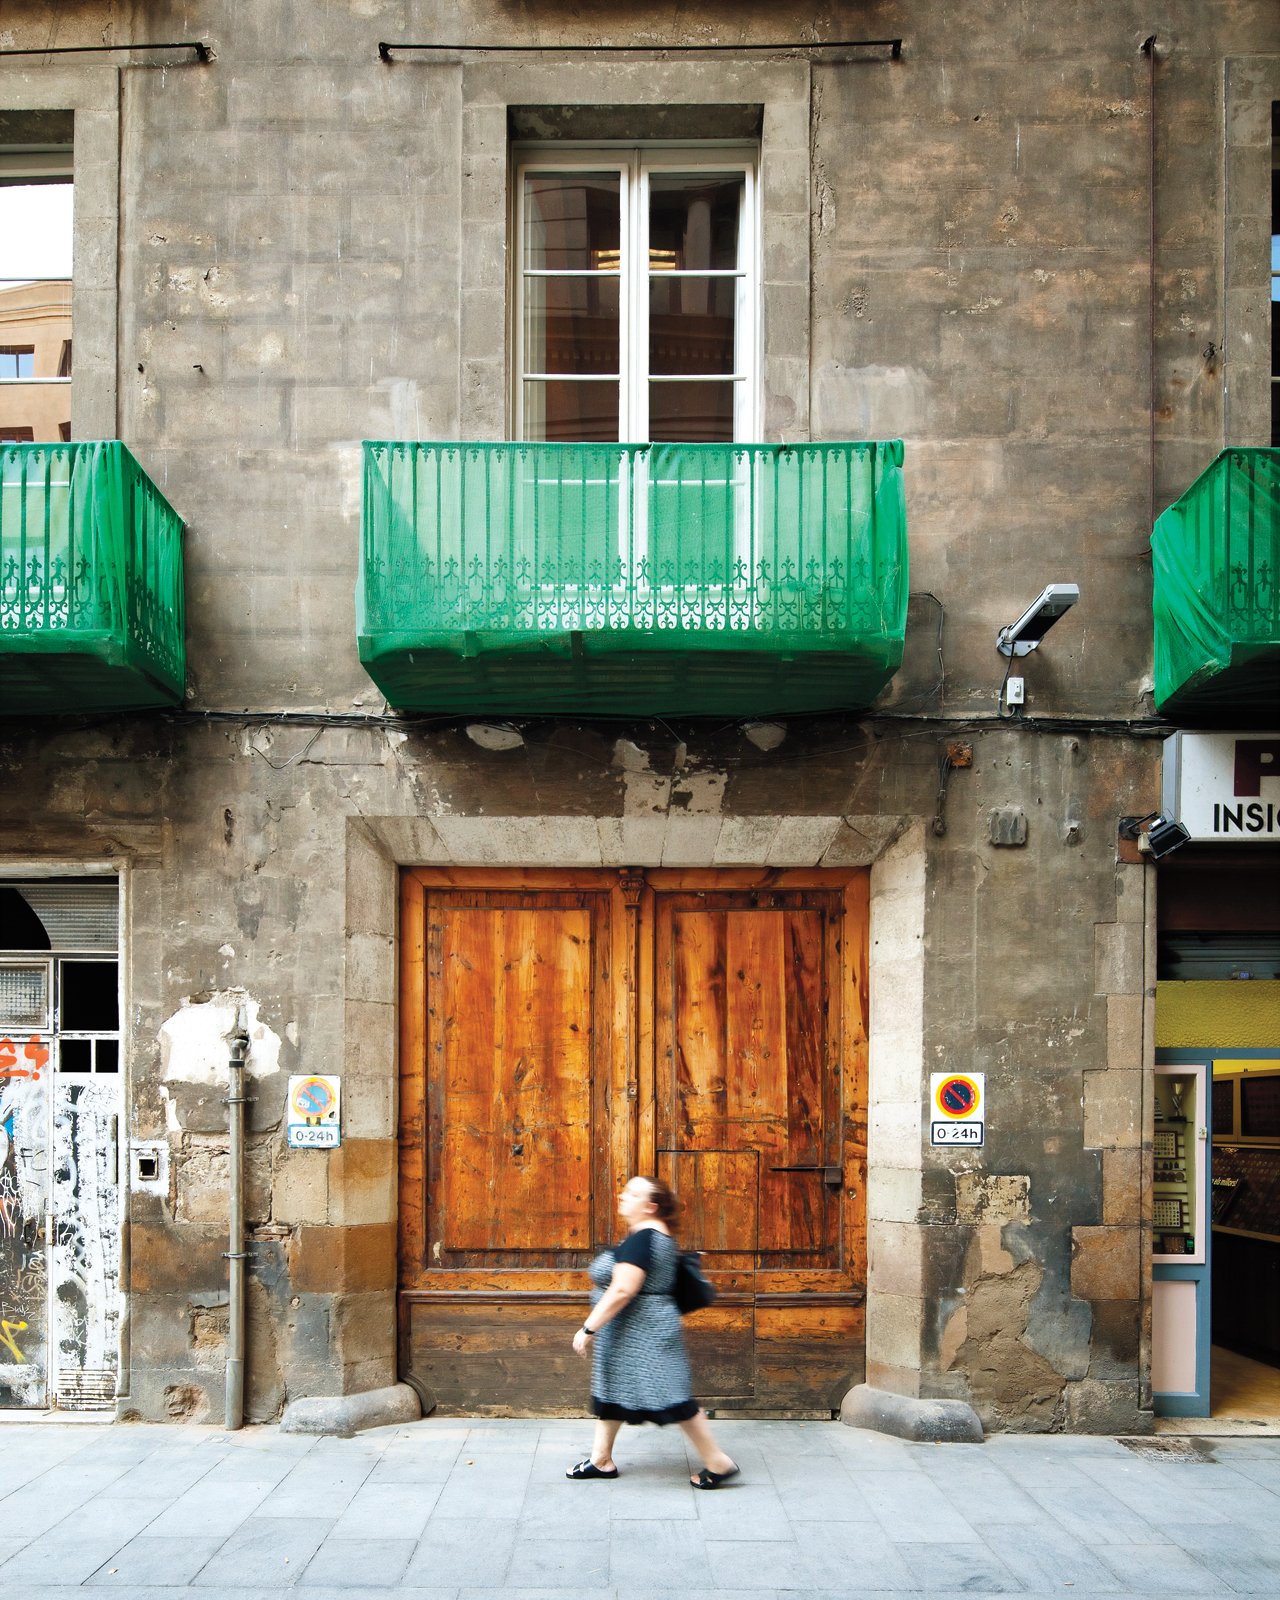 Balcany facade of Italian architect Benedetta Tagliabue's home